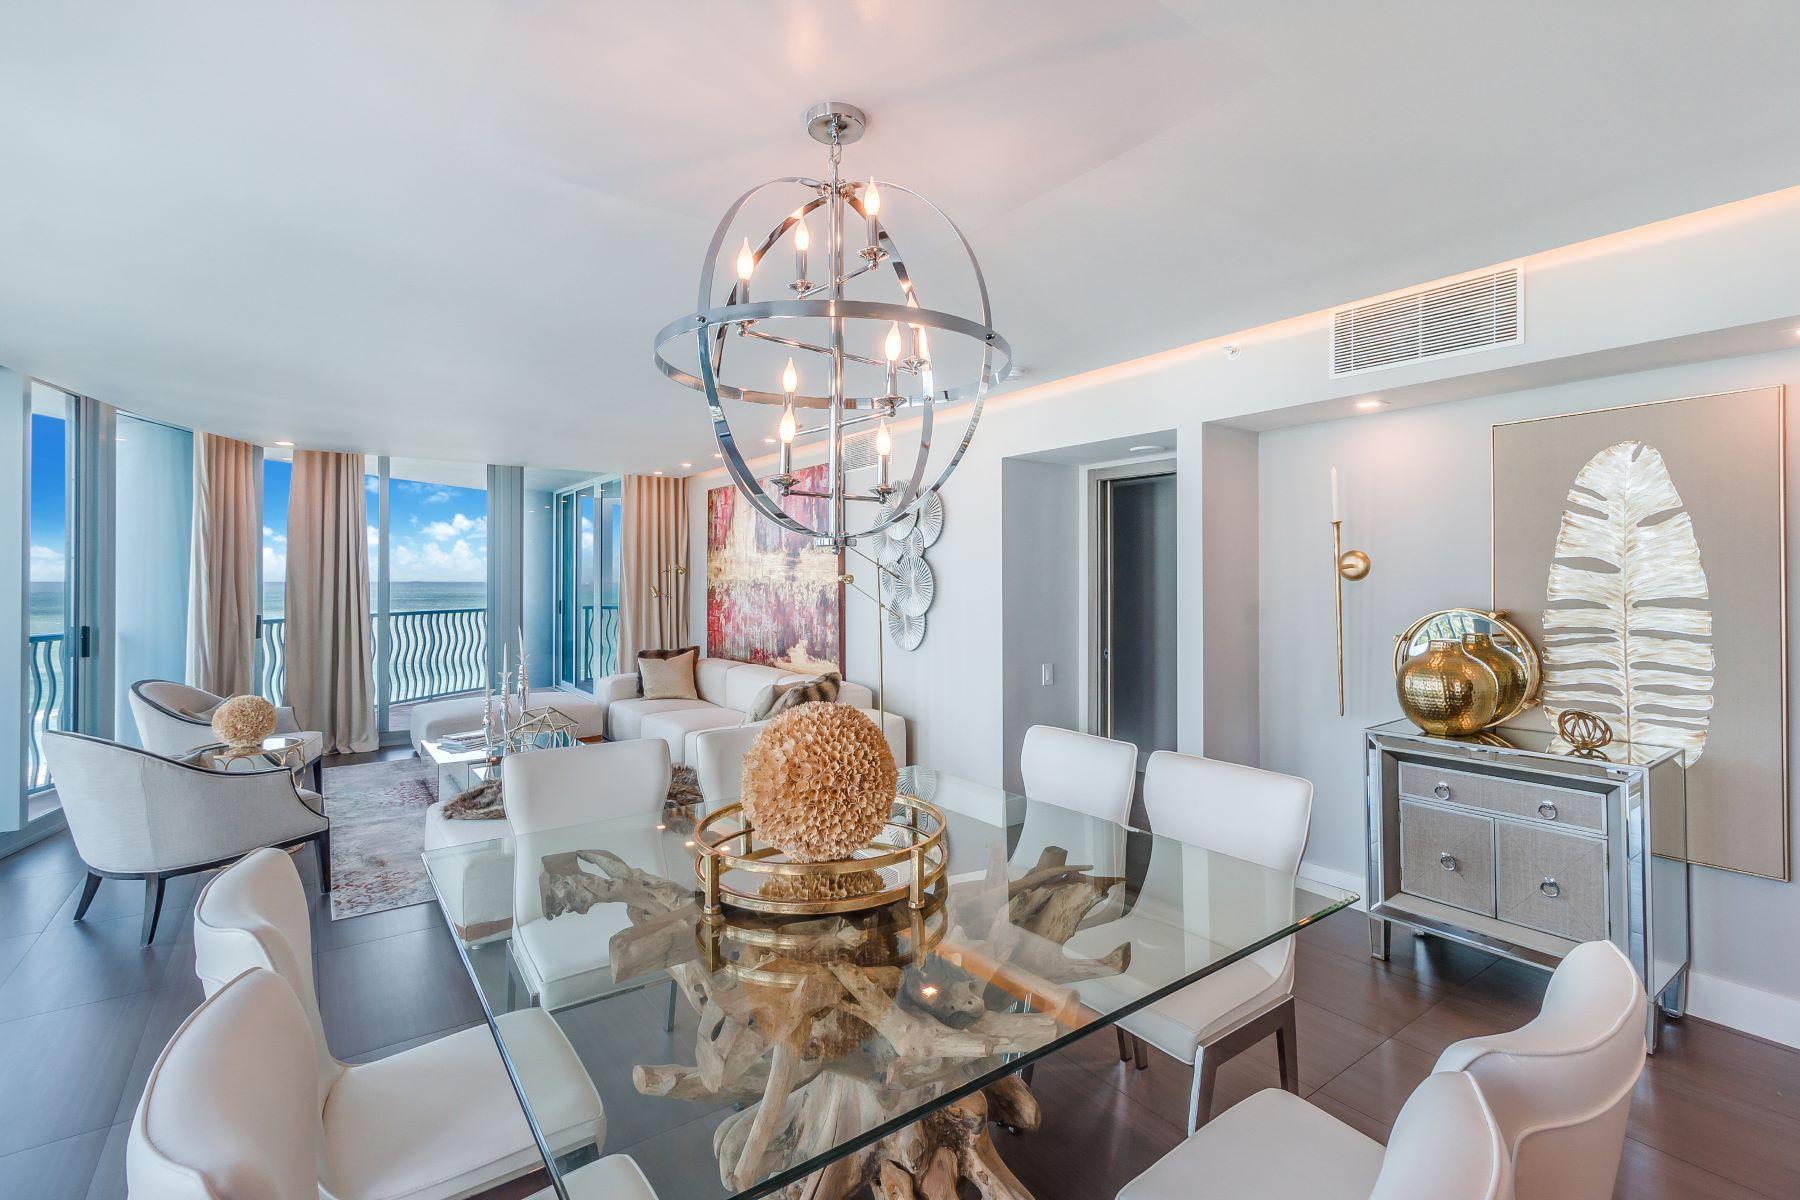 共管式独立产权公寓 为 销售 在 1500 Ocean Dr 1500 Ocean Dr 1001, 迈阿密海滩, 佛罗里达州, 33139 美国